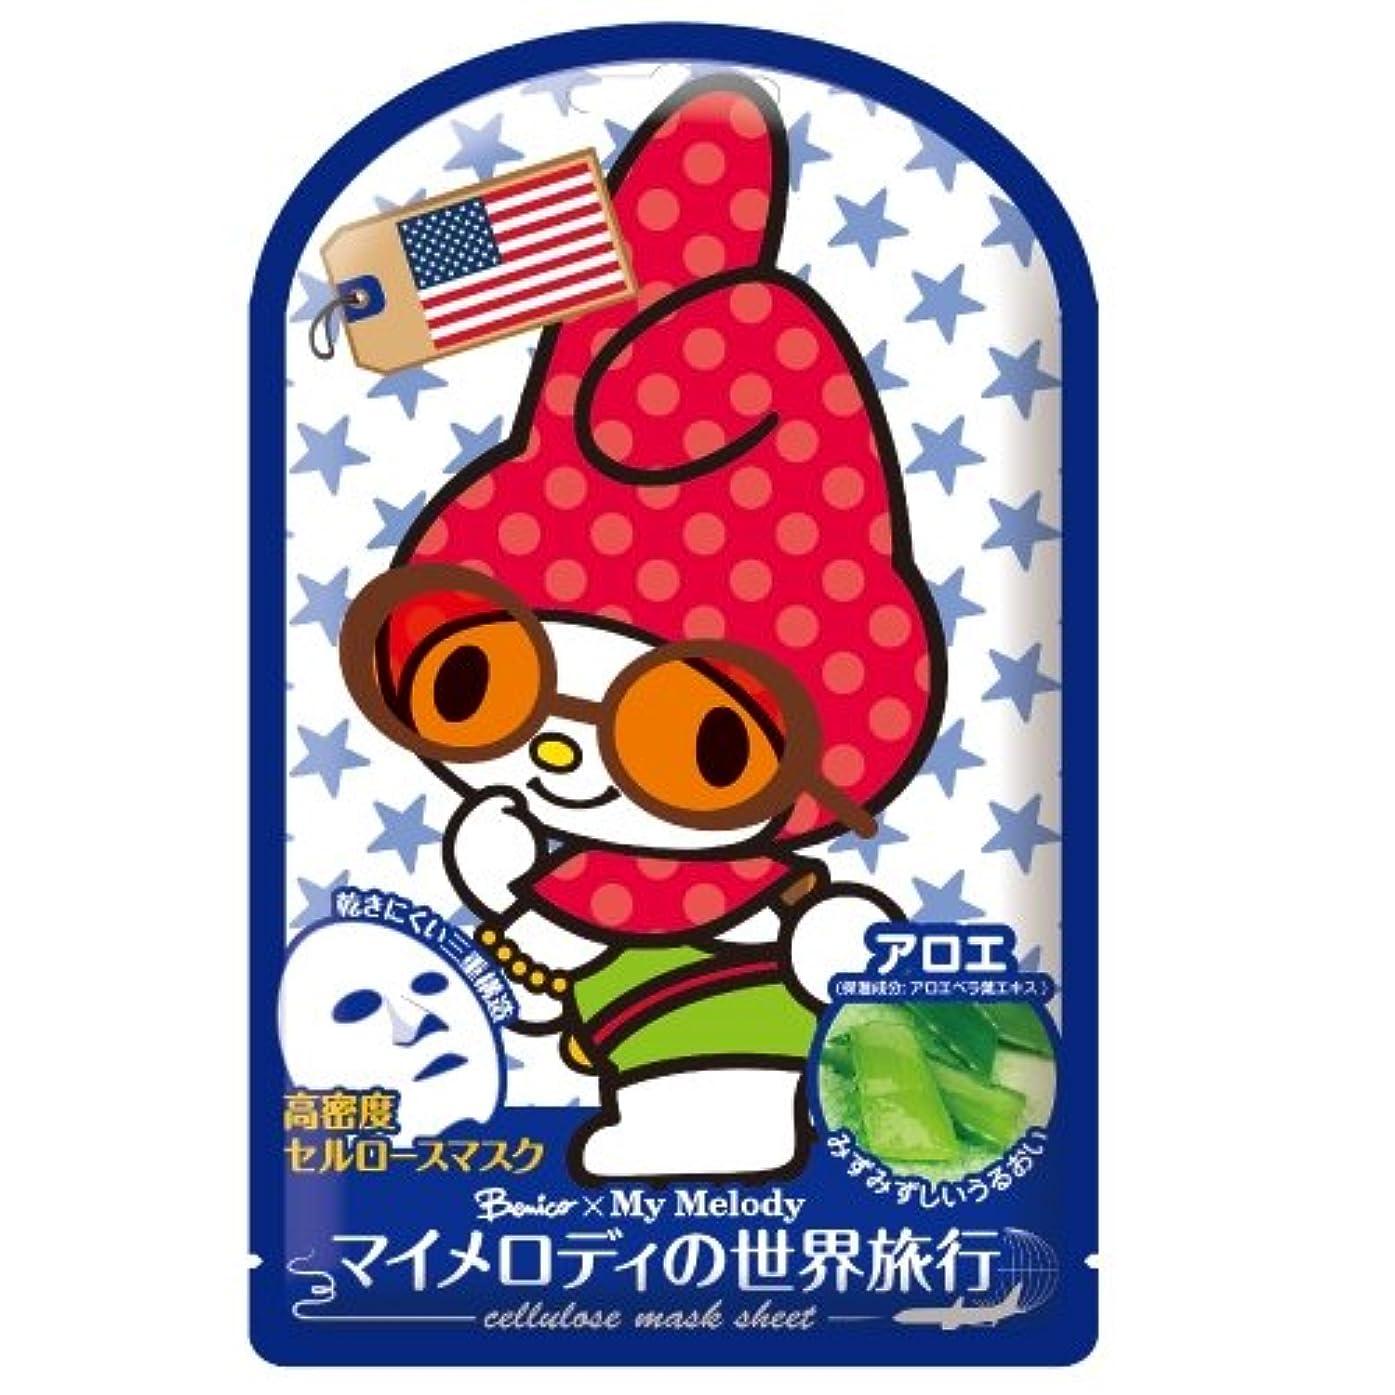 カヌー浅い普通のベニコ マイメロディ 世界旅行マスクシート(アメリカ) 1枚入